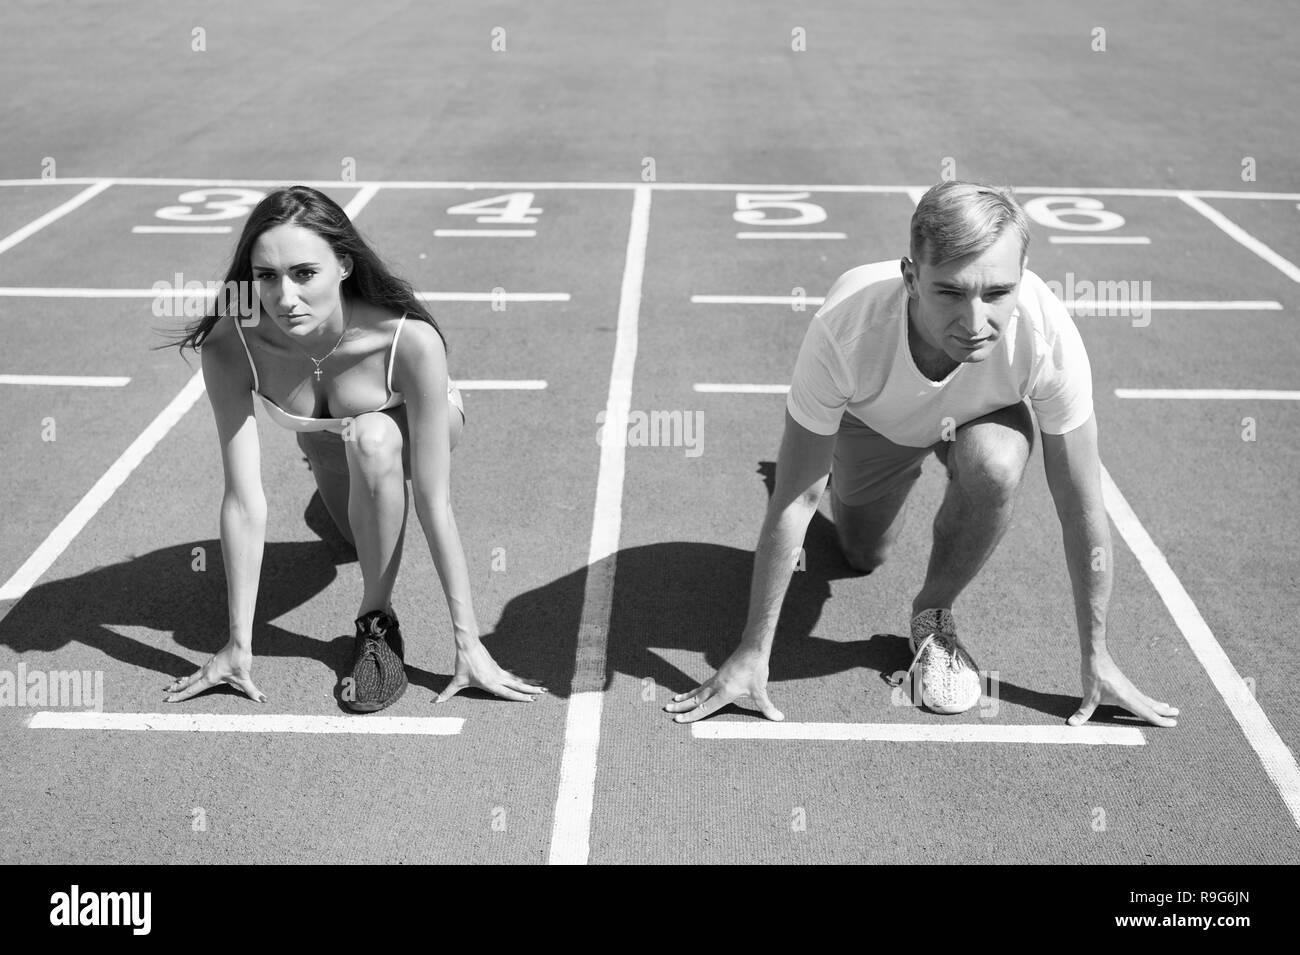 Gleichen Kräften Konzept. Mann und Frau niedrigen Startposition Lauffläche Stadion. Läuft der Wettbewerb Geschlecht oder Rasse. Schneller Sportler erzielen Sieg. Sport Herausforderung für Paare. Jeder hat die Chance. Stockbild